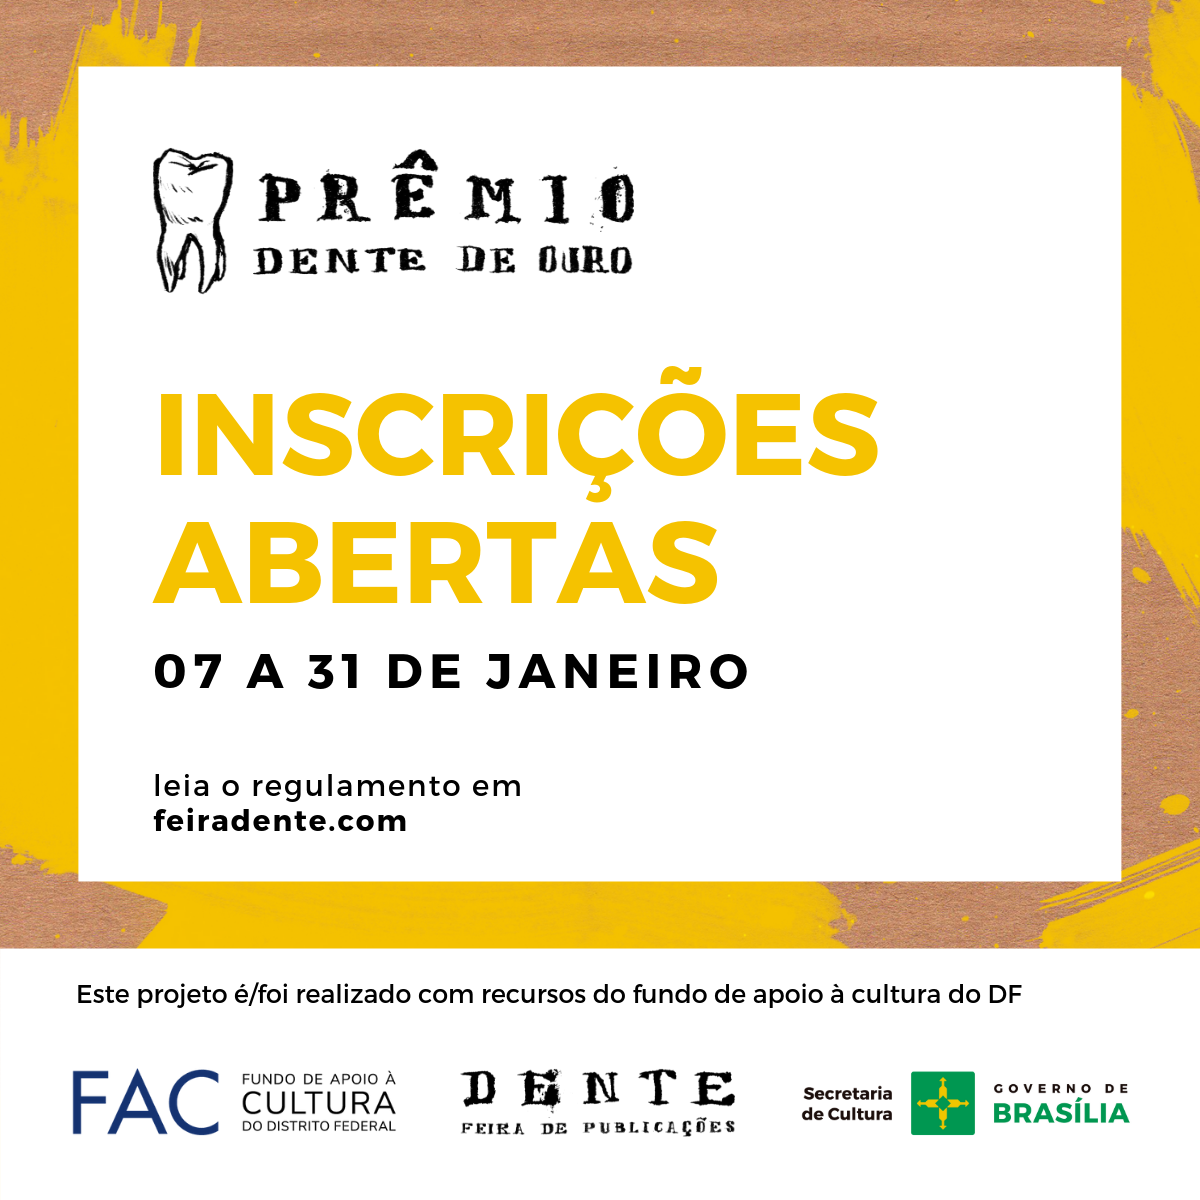 Estão abertas as inscrições para a edição de 2019 do Prêmio Dente de Ouro